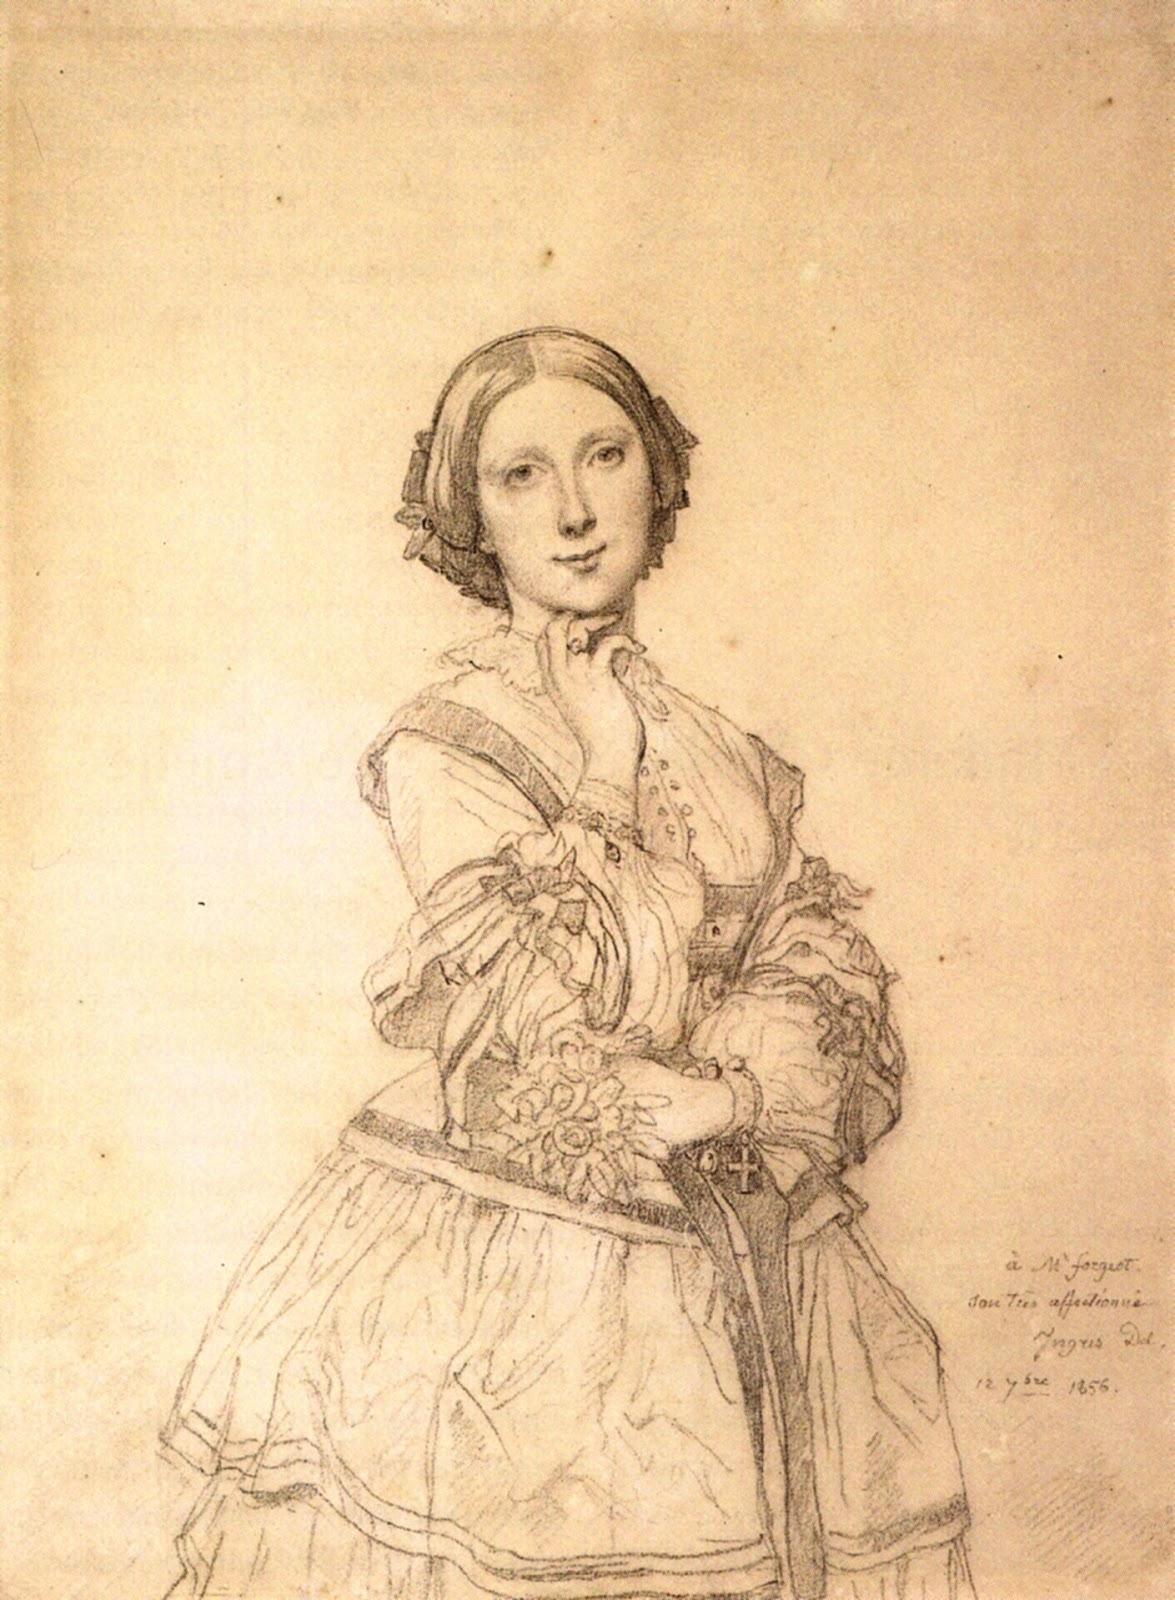 Энгр портрет мадам ривьер